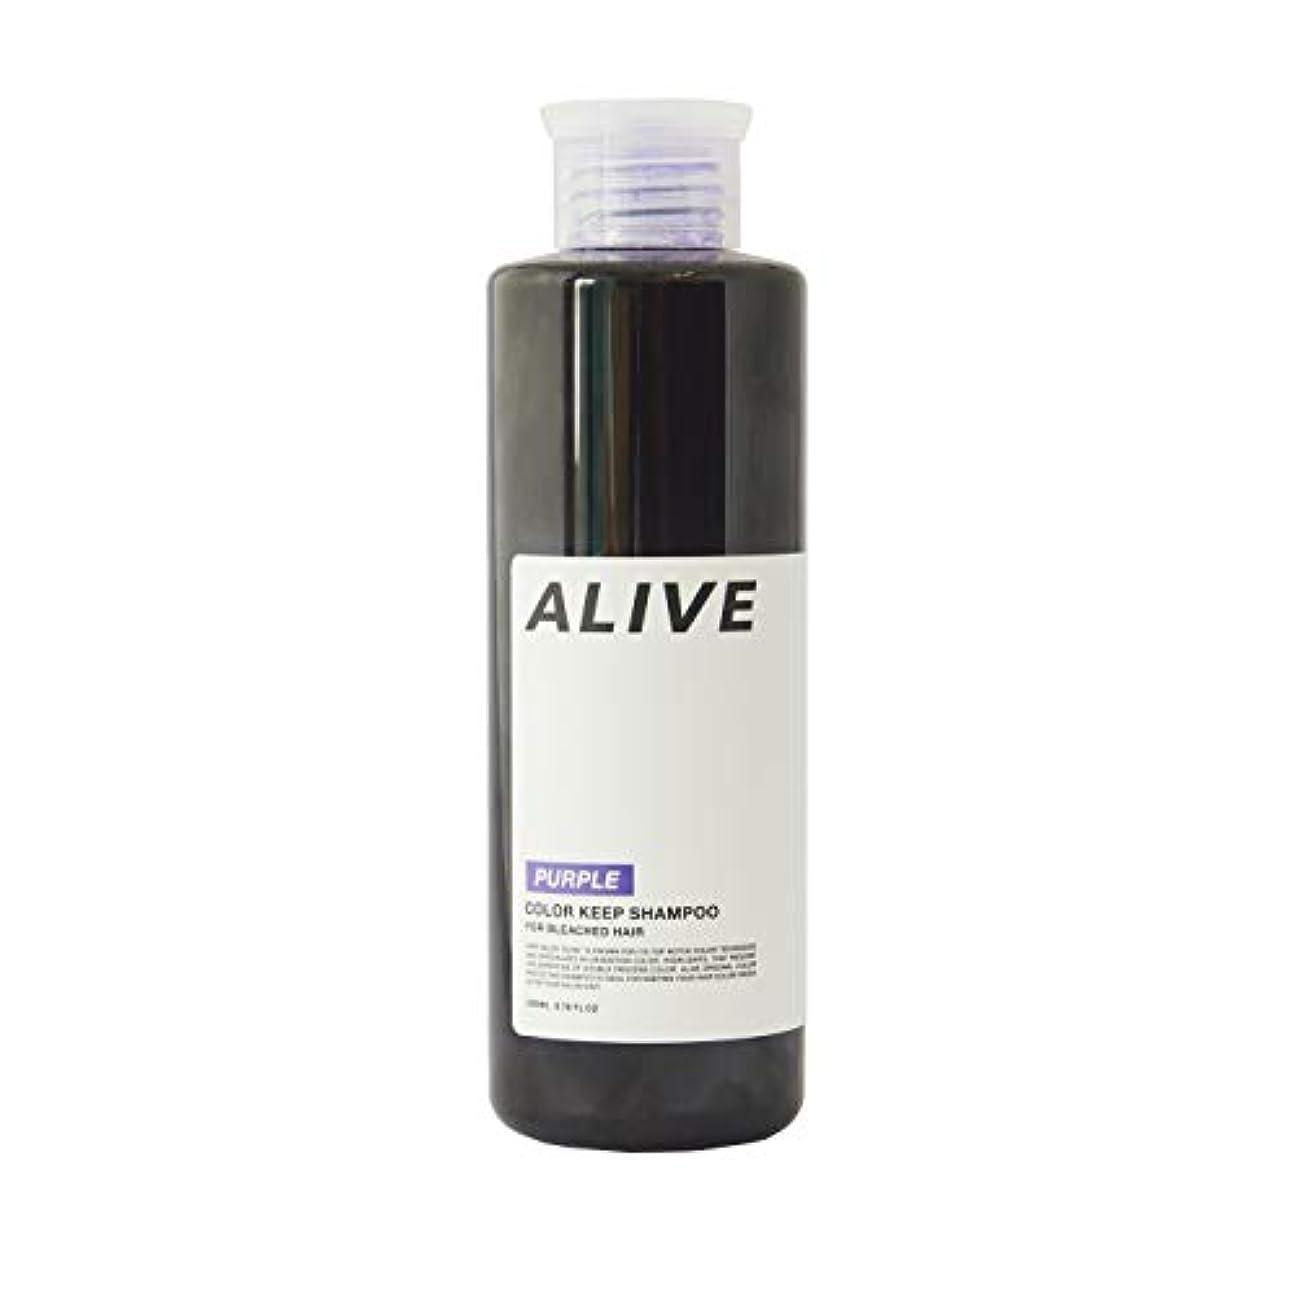 管理する影のあるその後ALIVE アライブ カラーシャンプー 極濃 紫シャンプー 200ml ムラサキ パープル ムラシャン ムラサキシャンプー